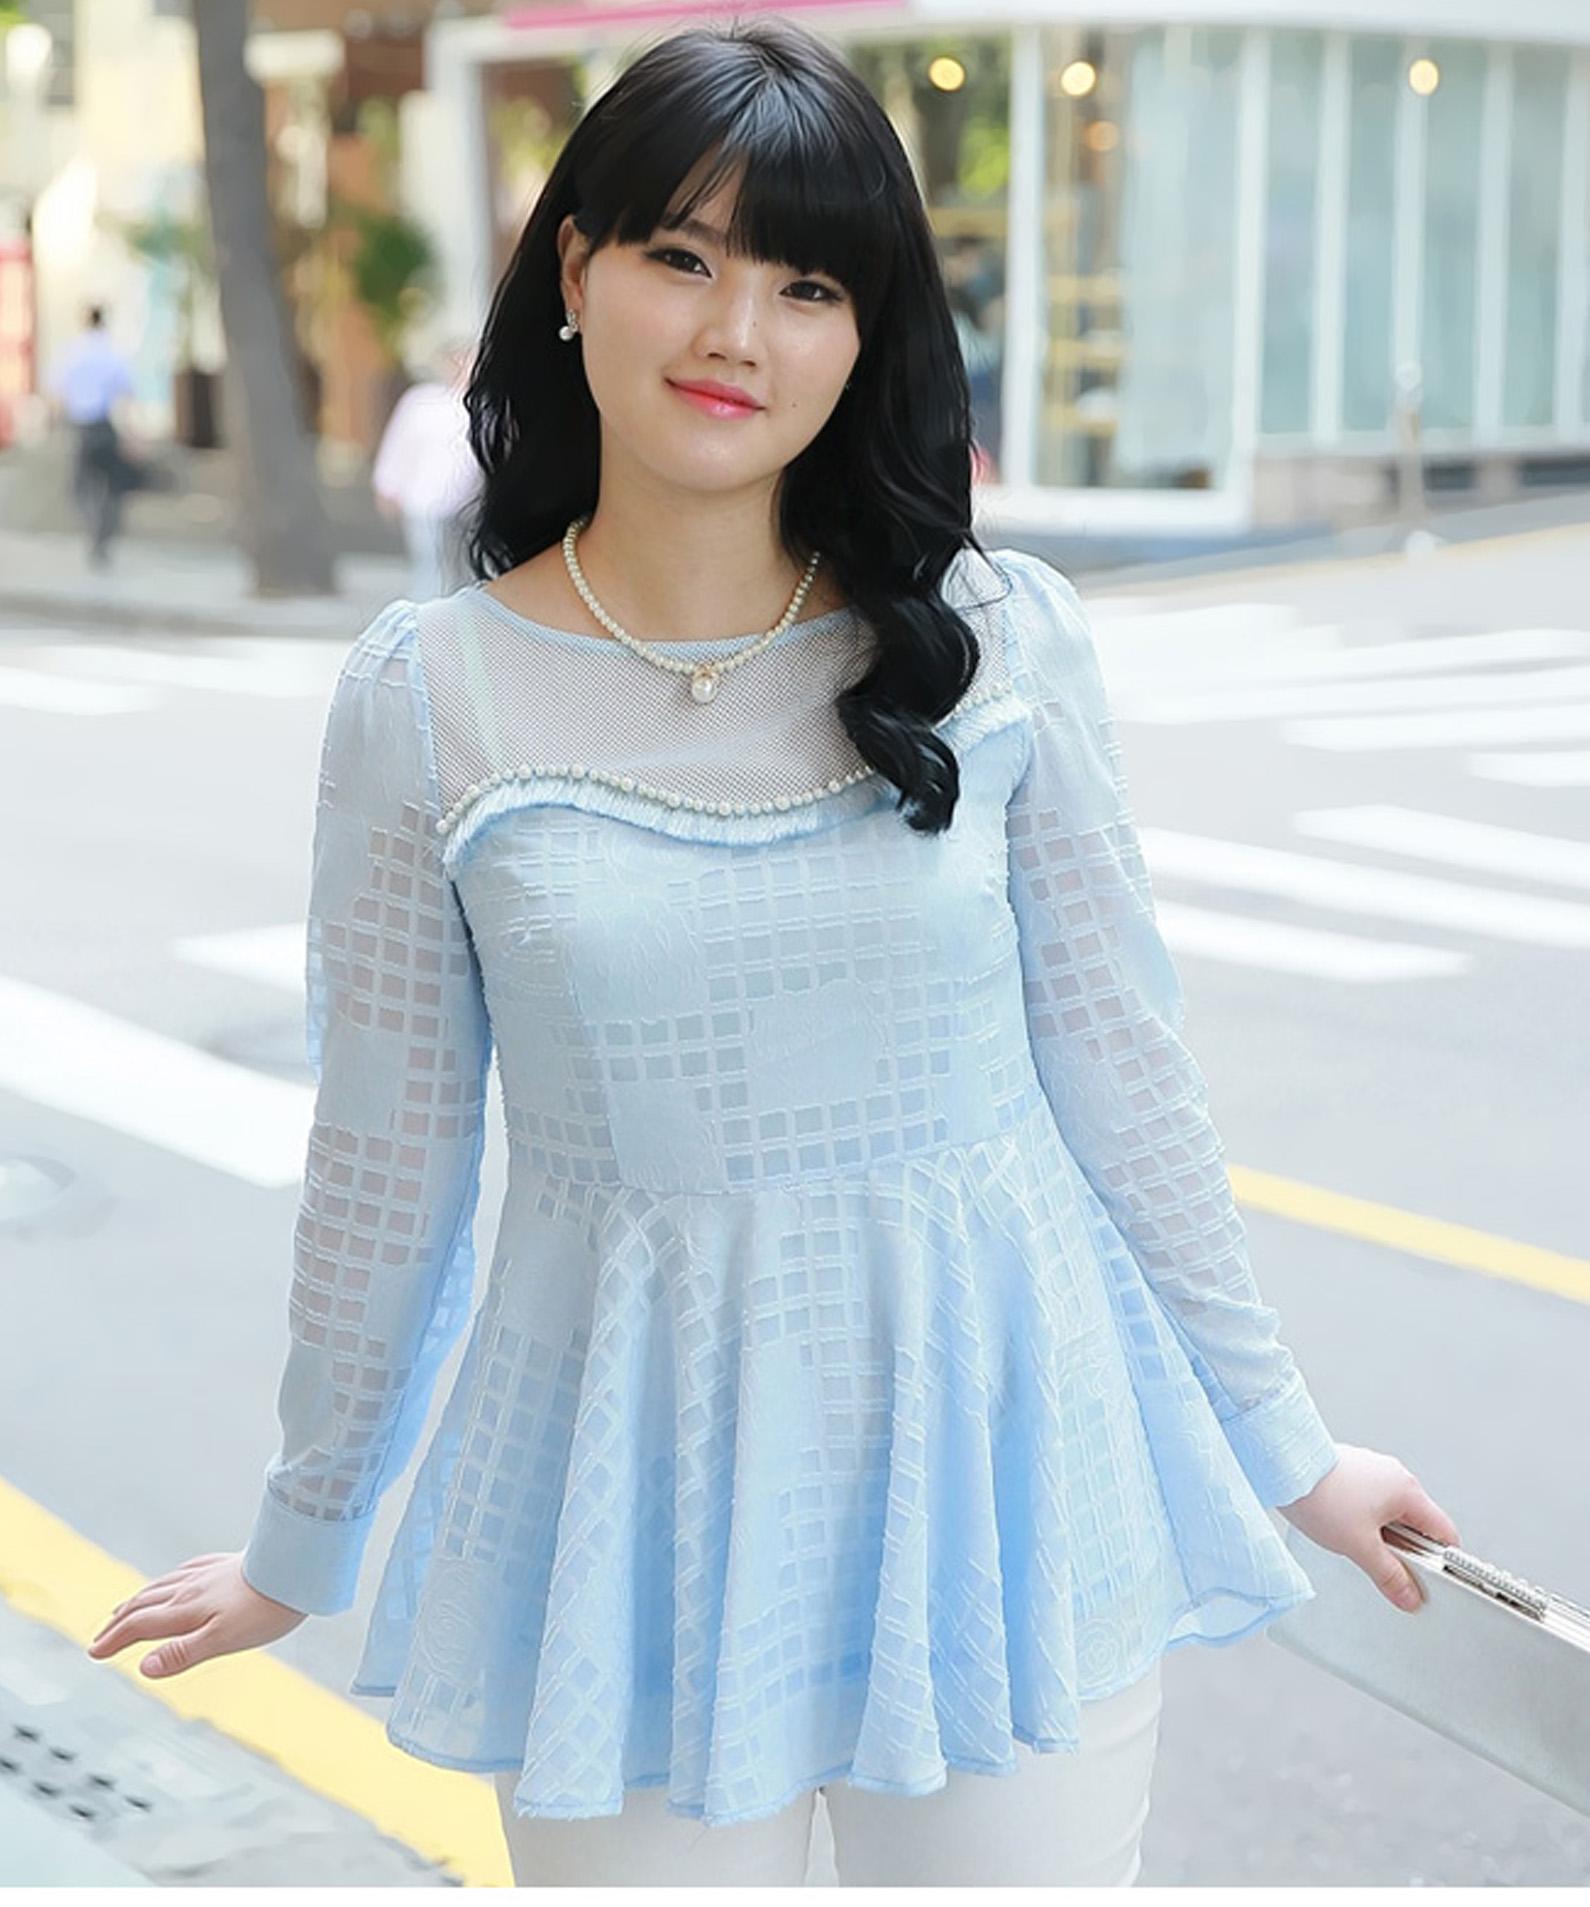 เสื้อชีฟองไซส์ใหญ่สีฟ้า ติดไข่มุกสวยหรู (L) A-98406